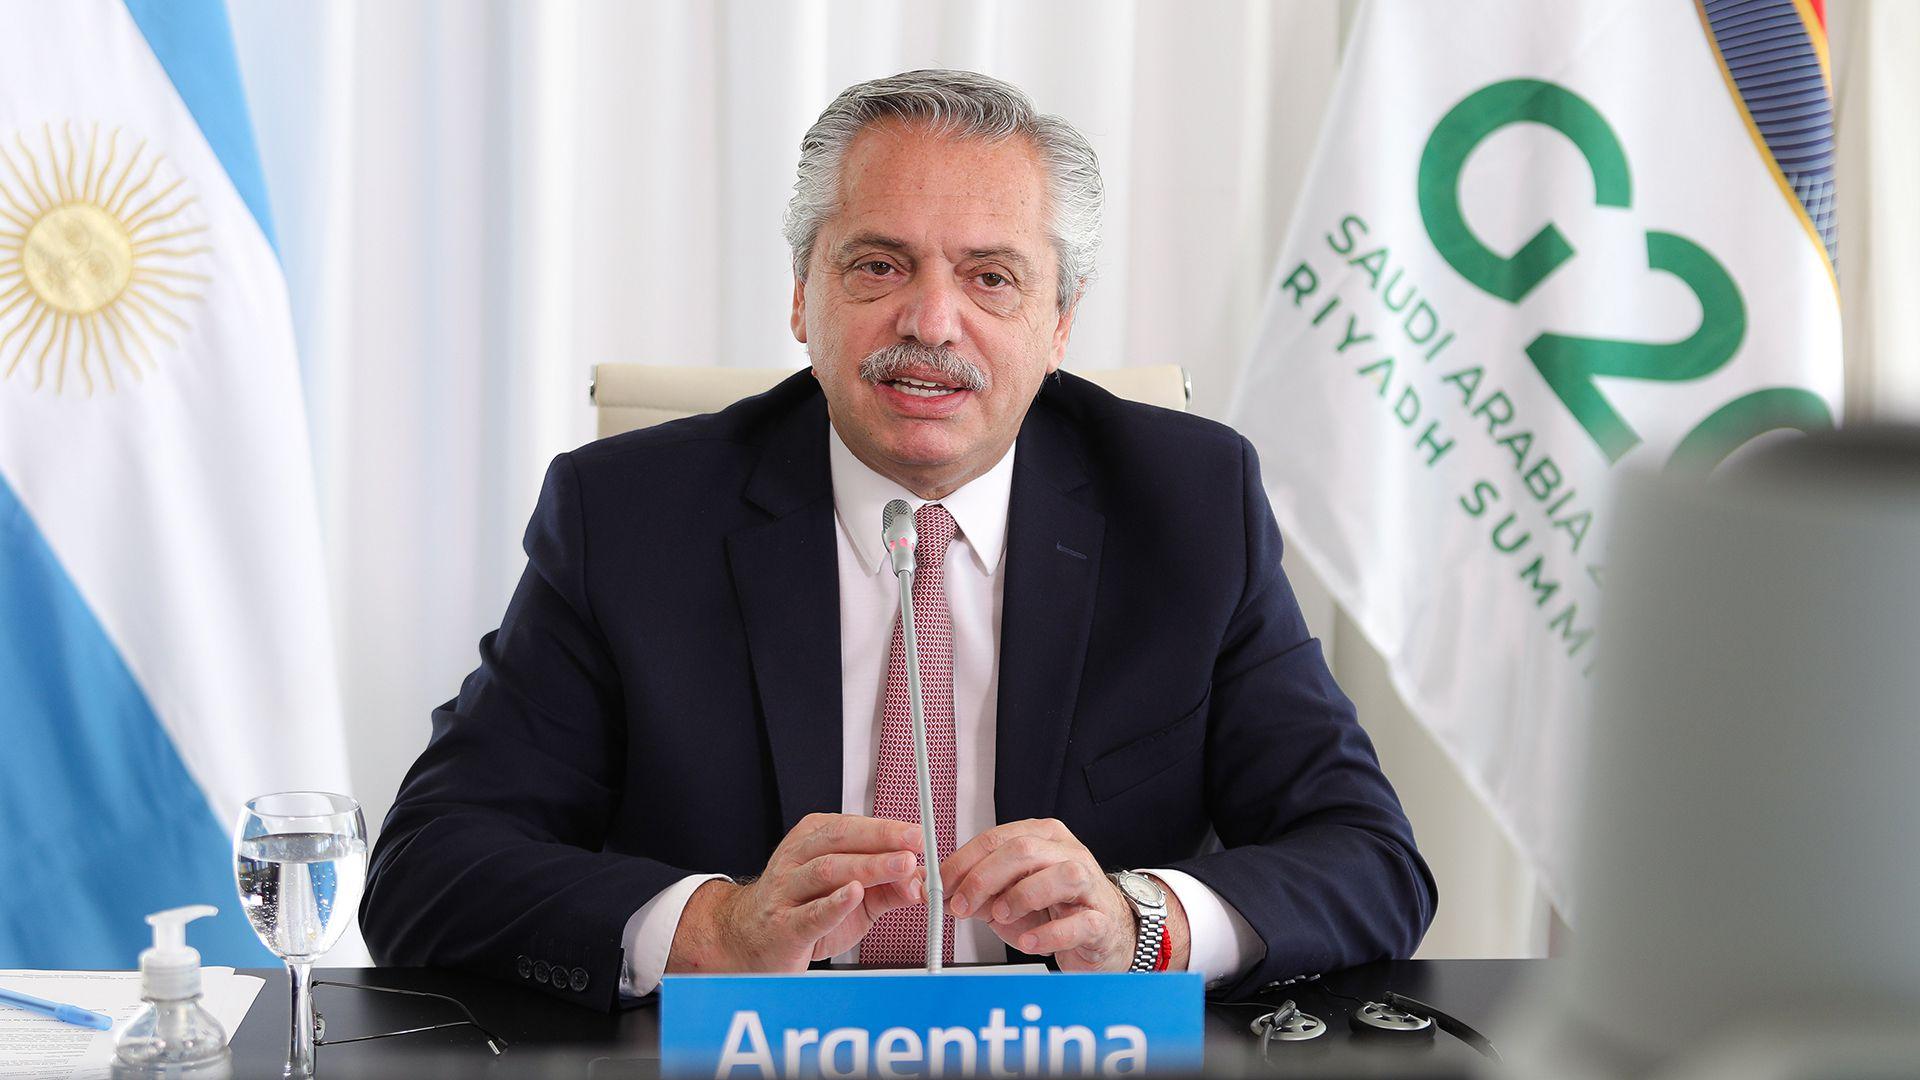 Segunda participación de Alberto Fernández en el G20 2020